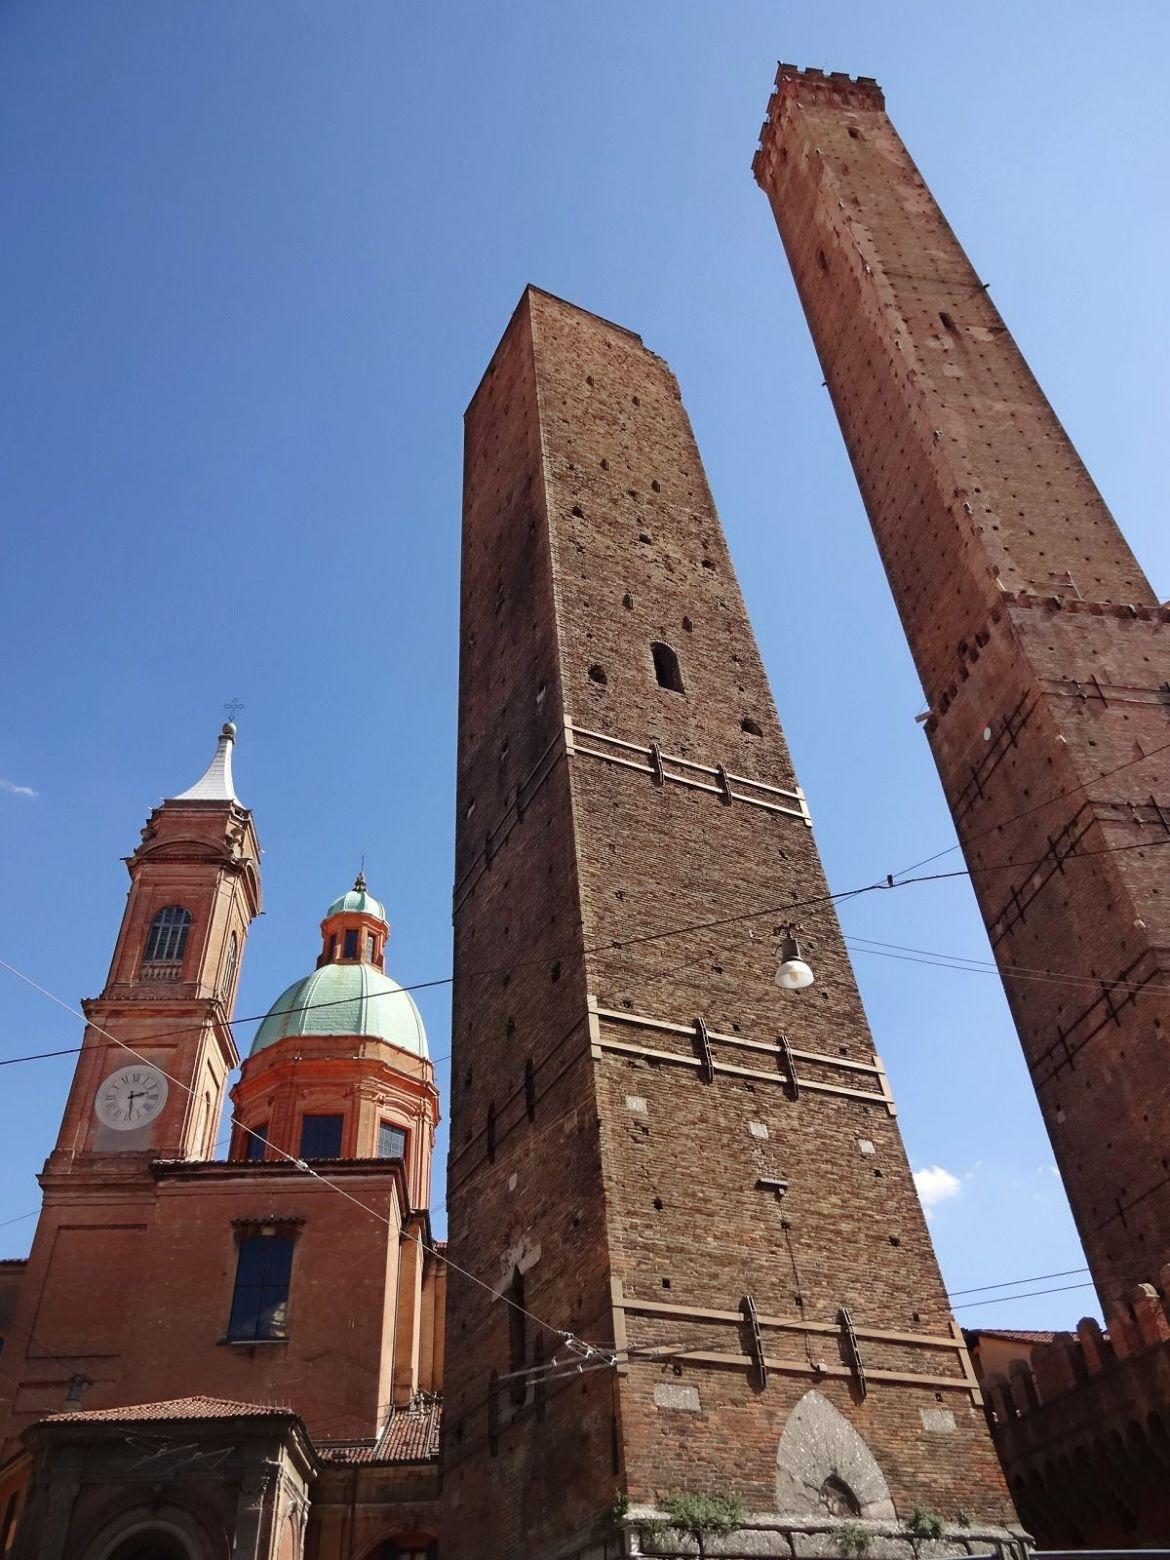 Wieże Asinelli i Garisenda